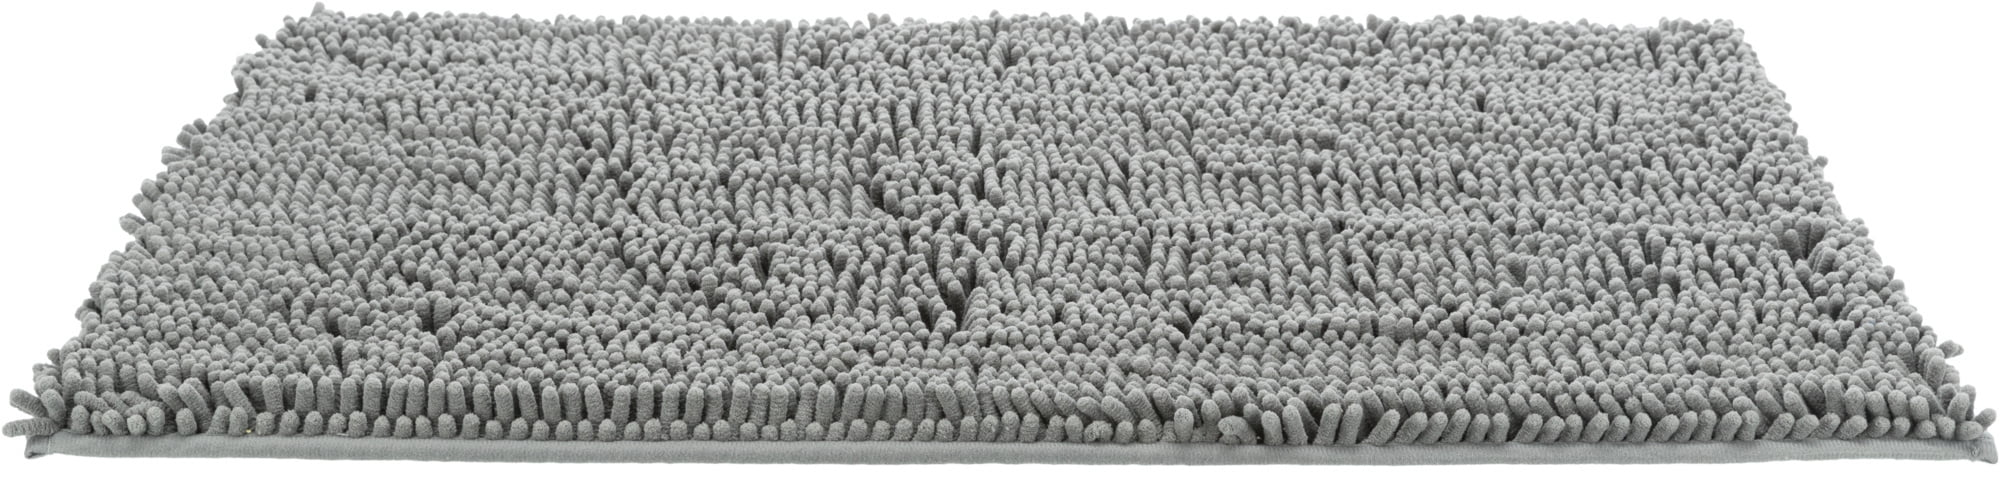 Trixie Schoonloopmat, 60 x 50 cm, grijs